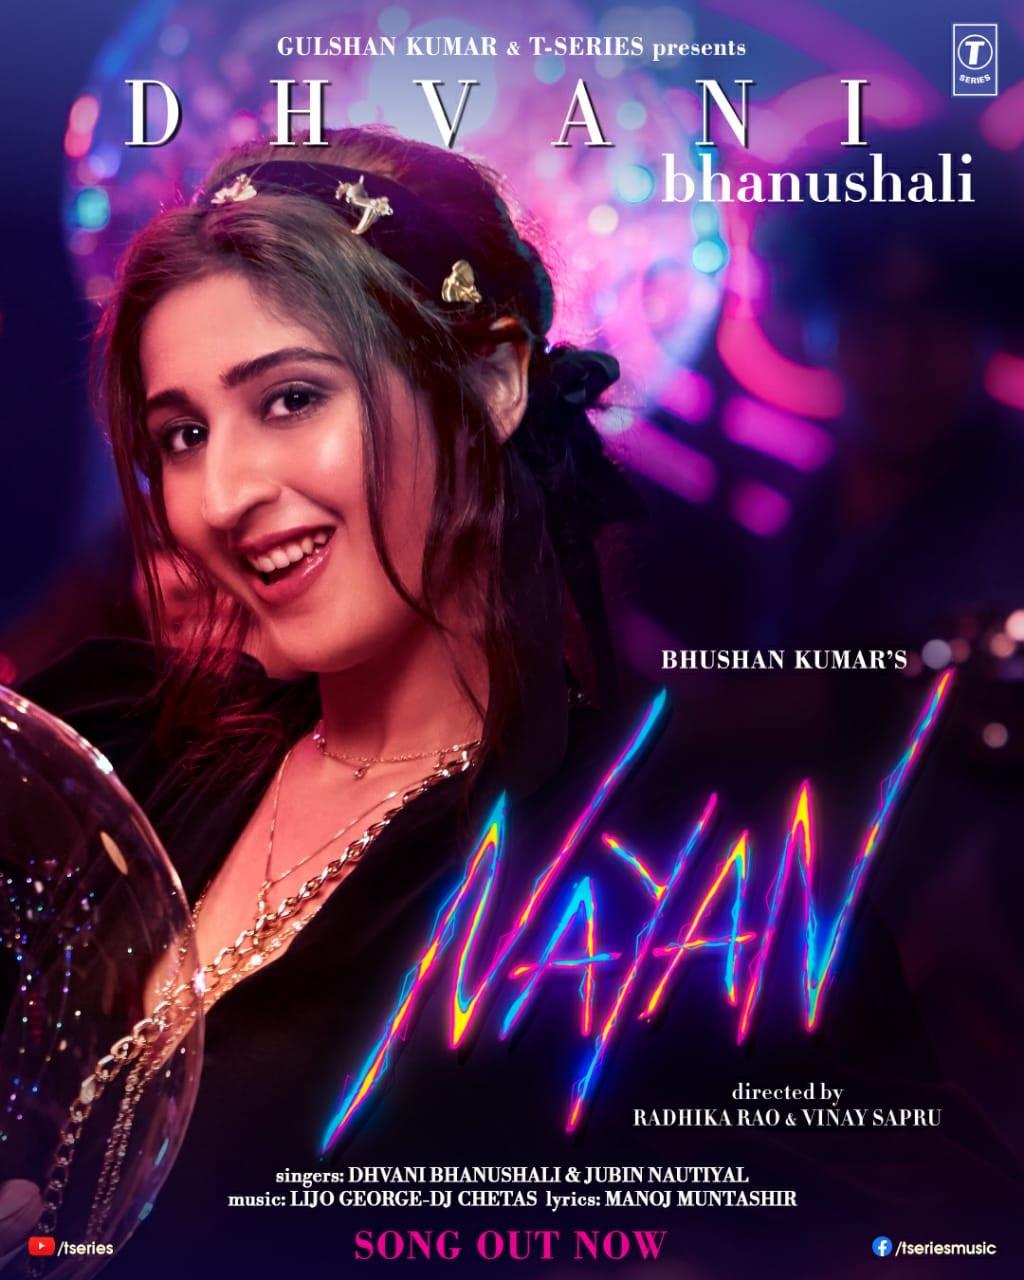 bhushan-kumar-s-next-dhvani-bhanushali-s-music-video-nayan-will-be-this-year-s-cutest-college-romance-story